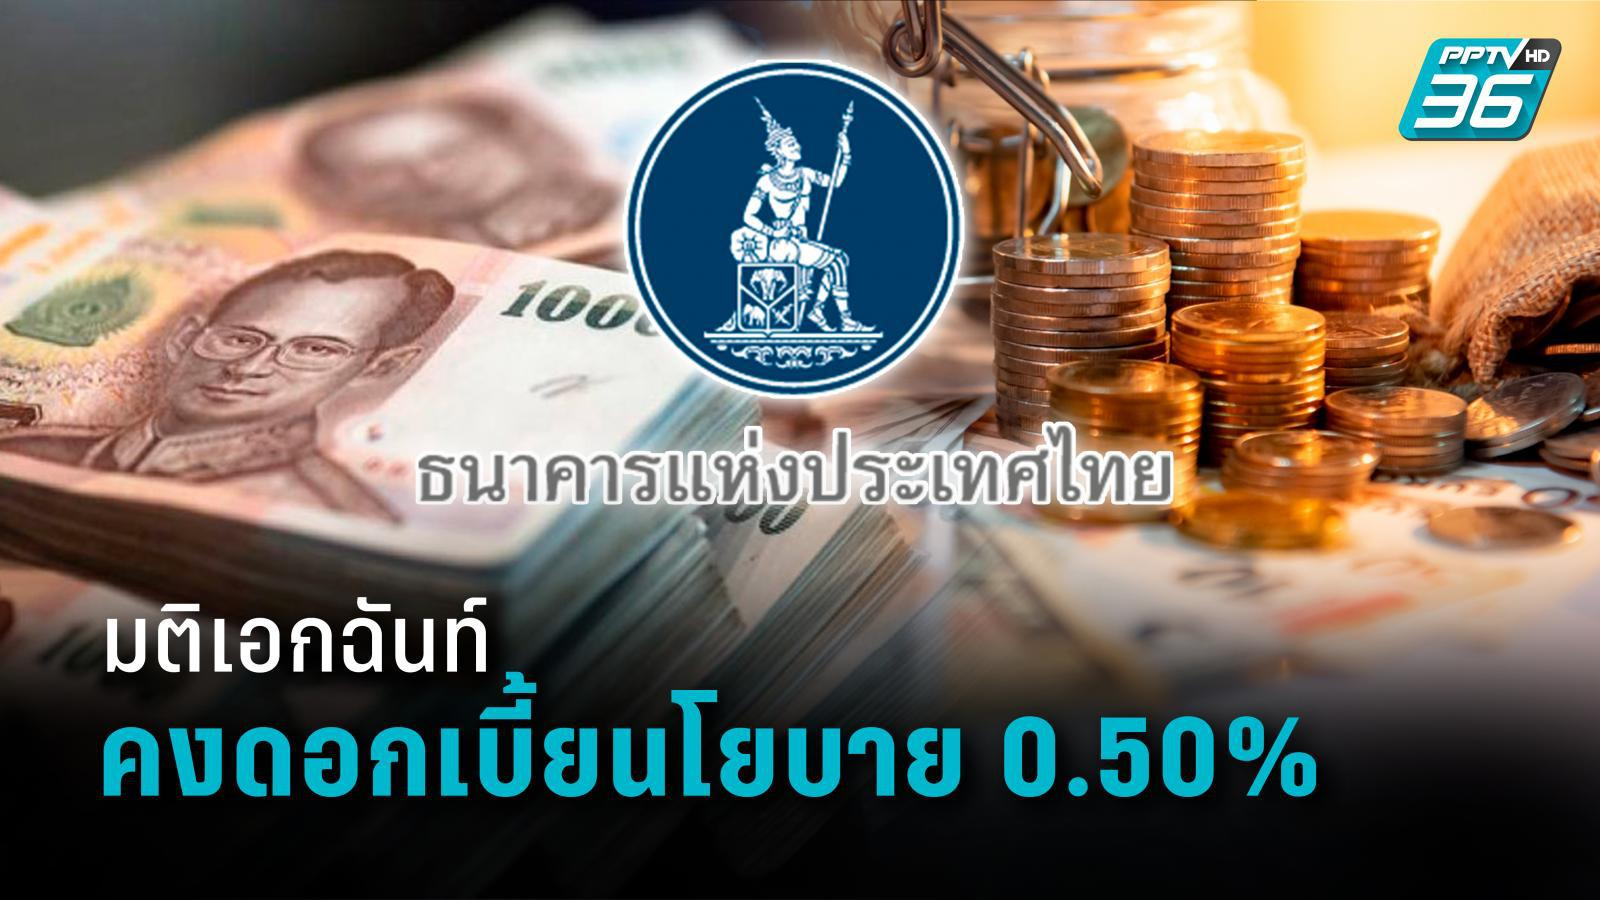 มติ กนง.คงดอกเบี้ยนโยบาย 0.5%  เศรษฐกิจไทยยังเผชิญความไม่แน่นอนสูง